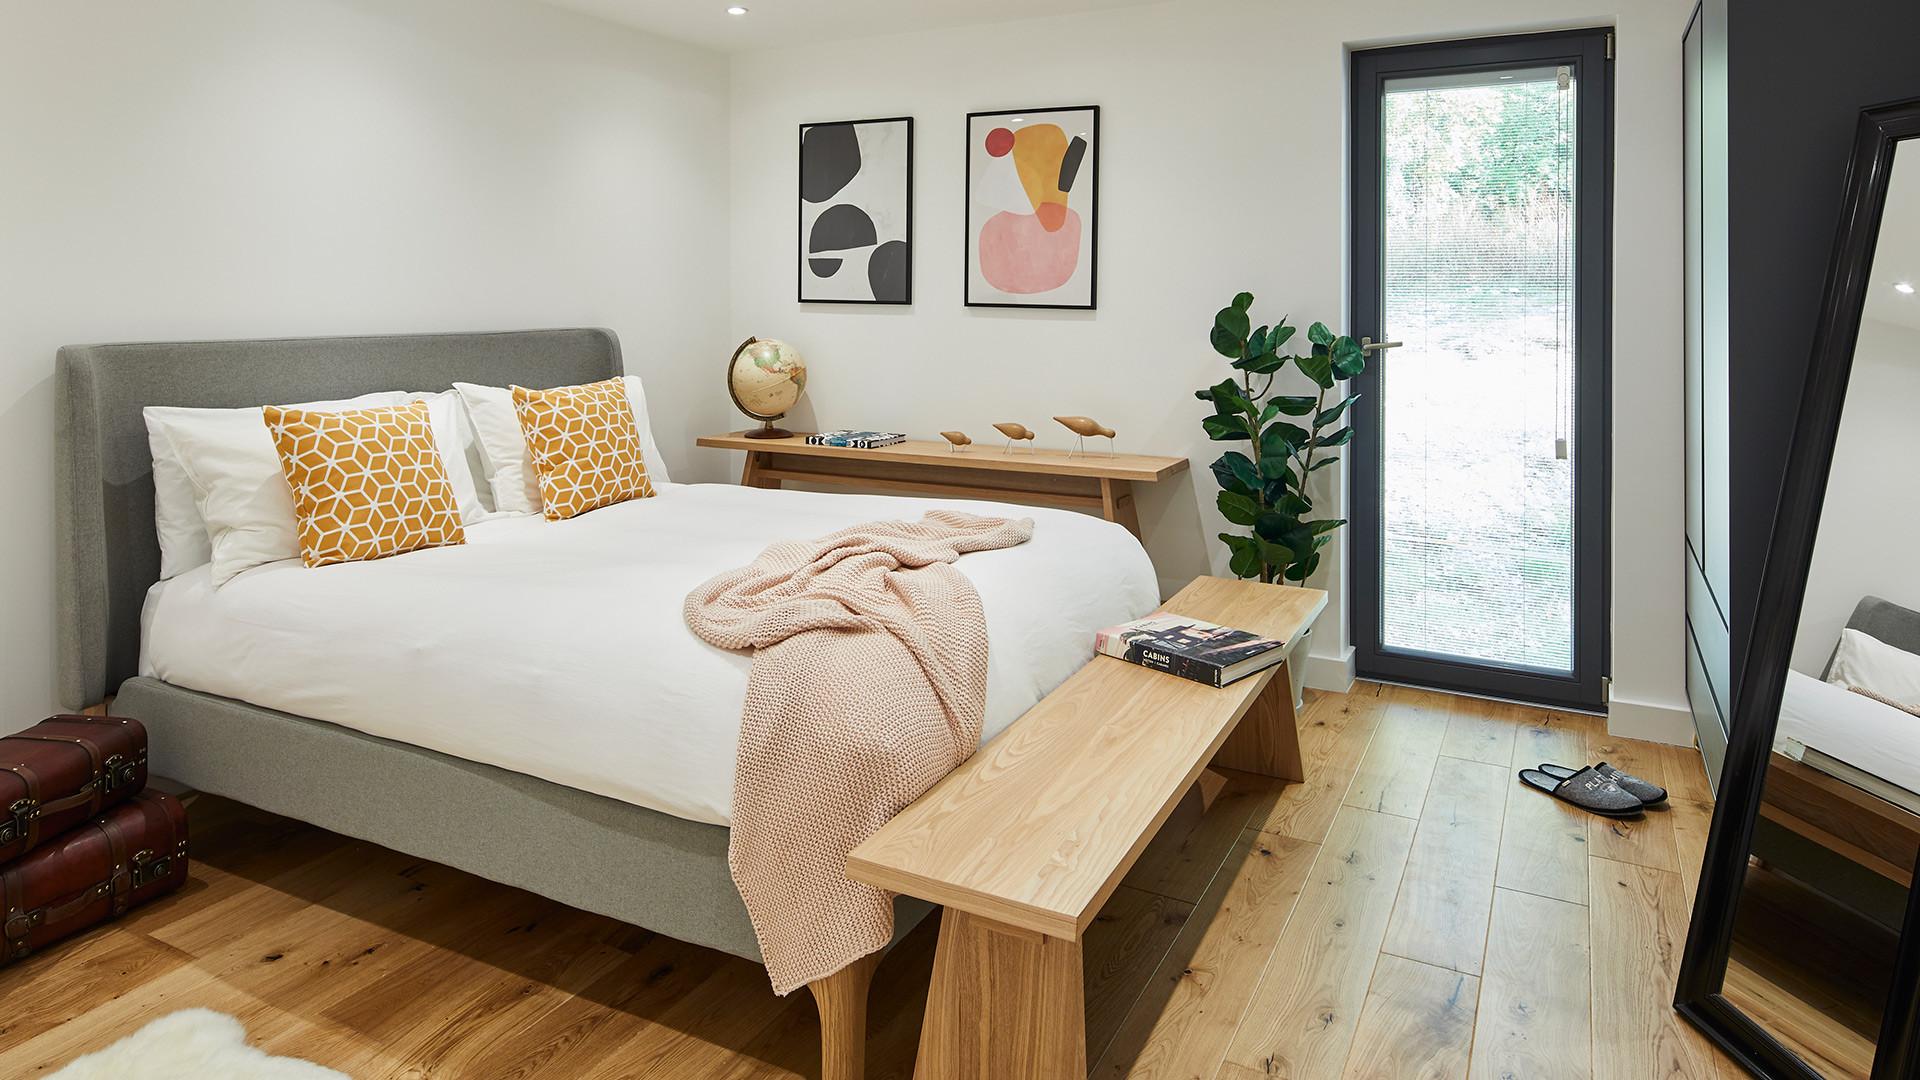 Garden annexe double bedroom